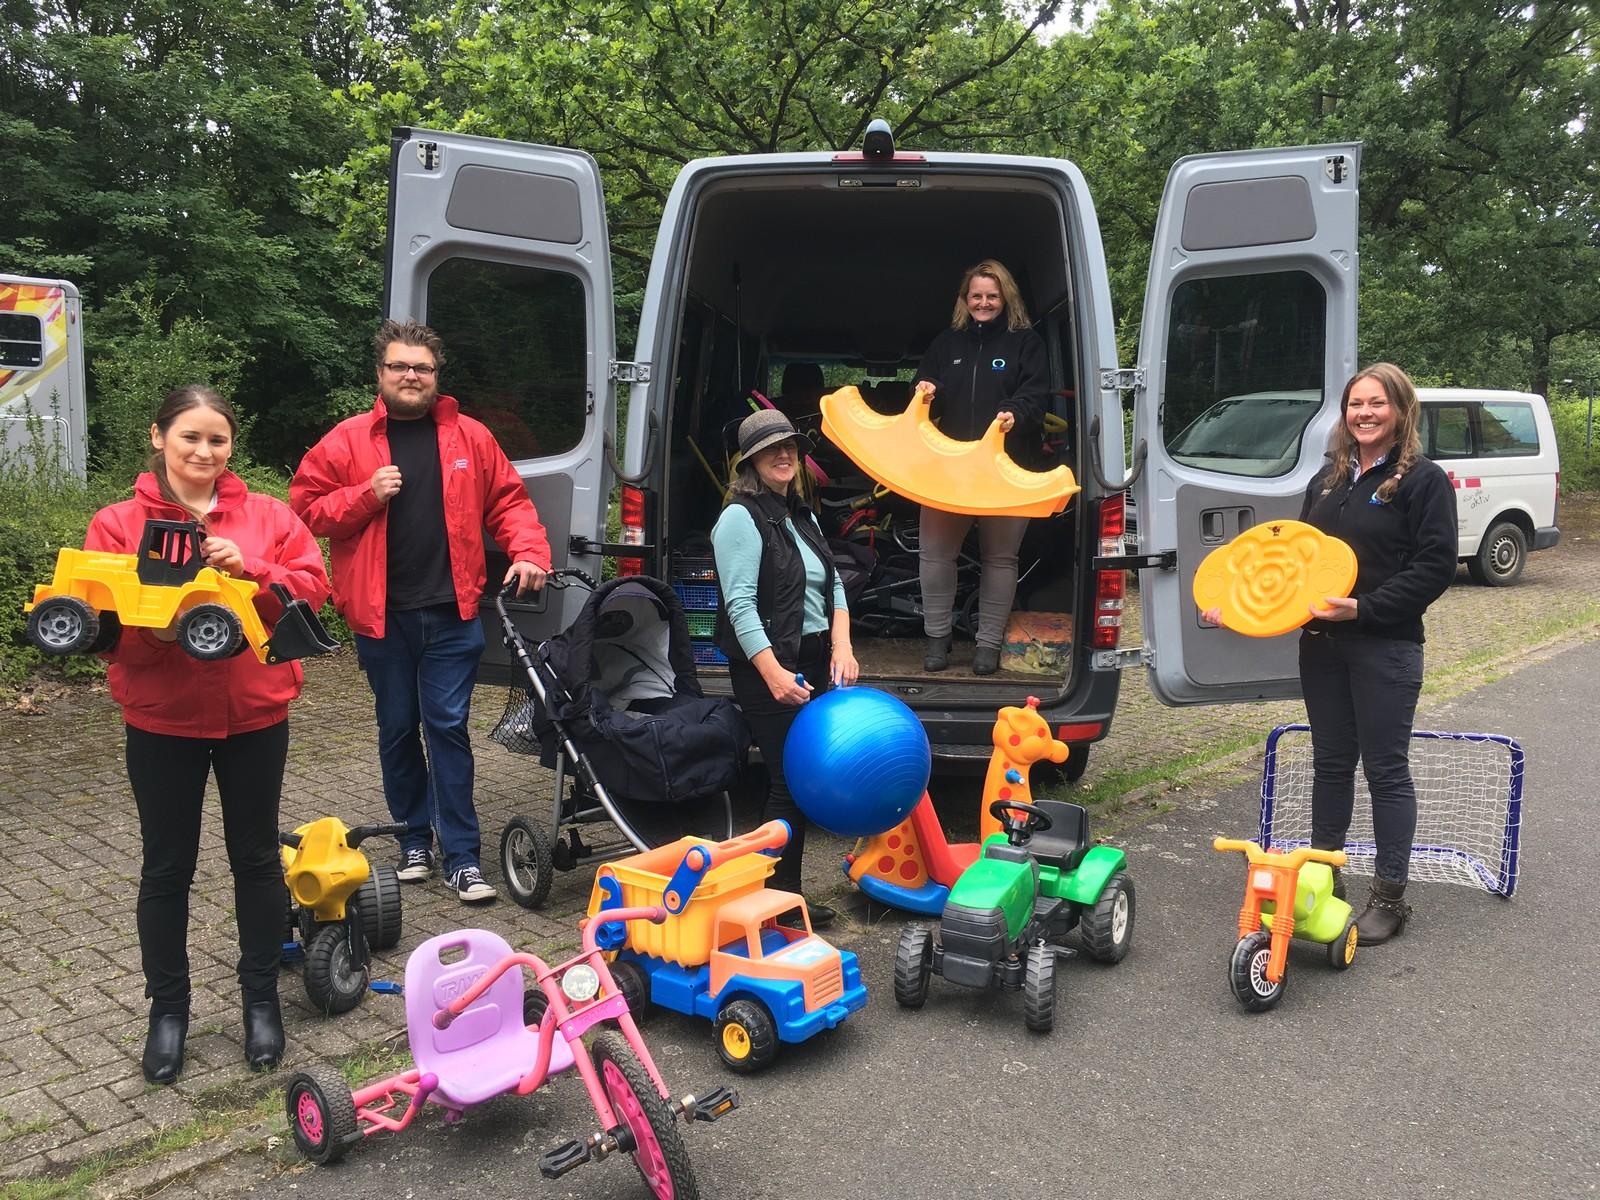 Auf dem Parkplatz des ZUE-Geländes in Ibbenbüren nahmen (v.l.n.r.) Derya Arslan und Sven Wilcke vom DRK-Betreuungsdienst die Spenden aus der AWIGO-Spielzeugaktion von Gabi Pehle, Daniela Treidel und Annett-Marie Krone begeistert entgegen.